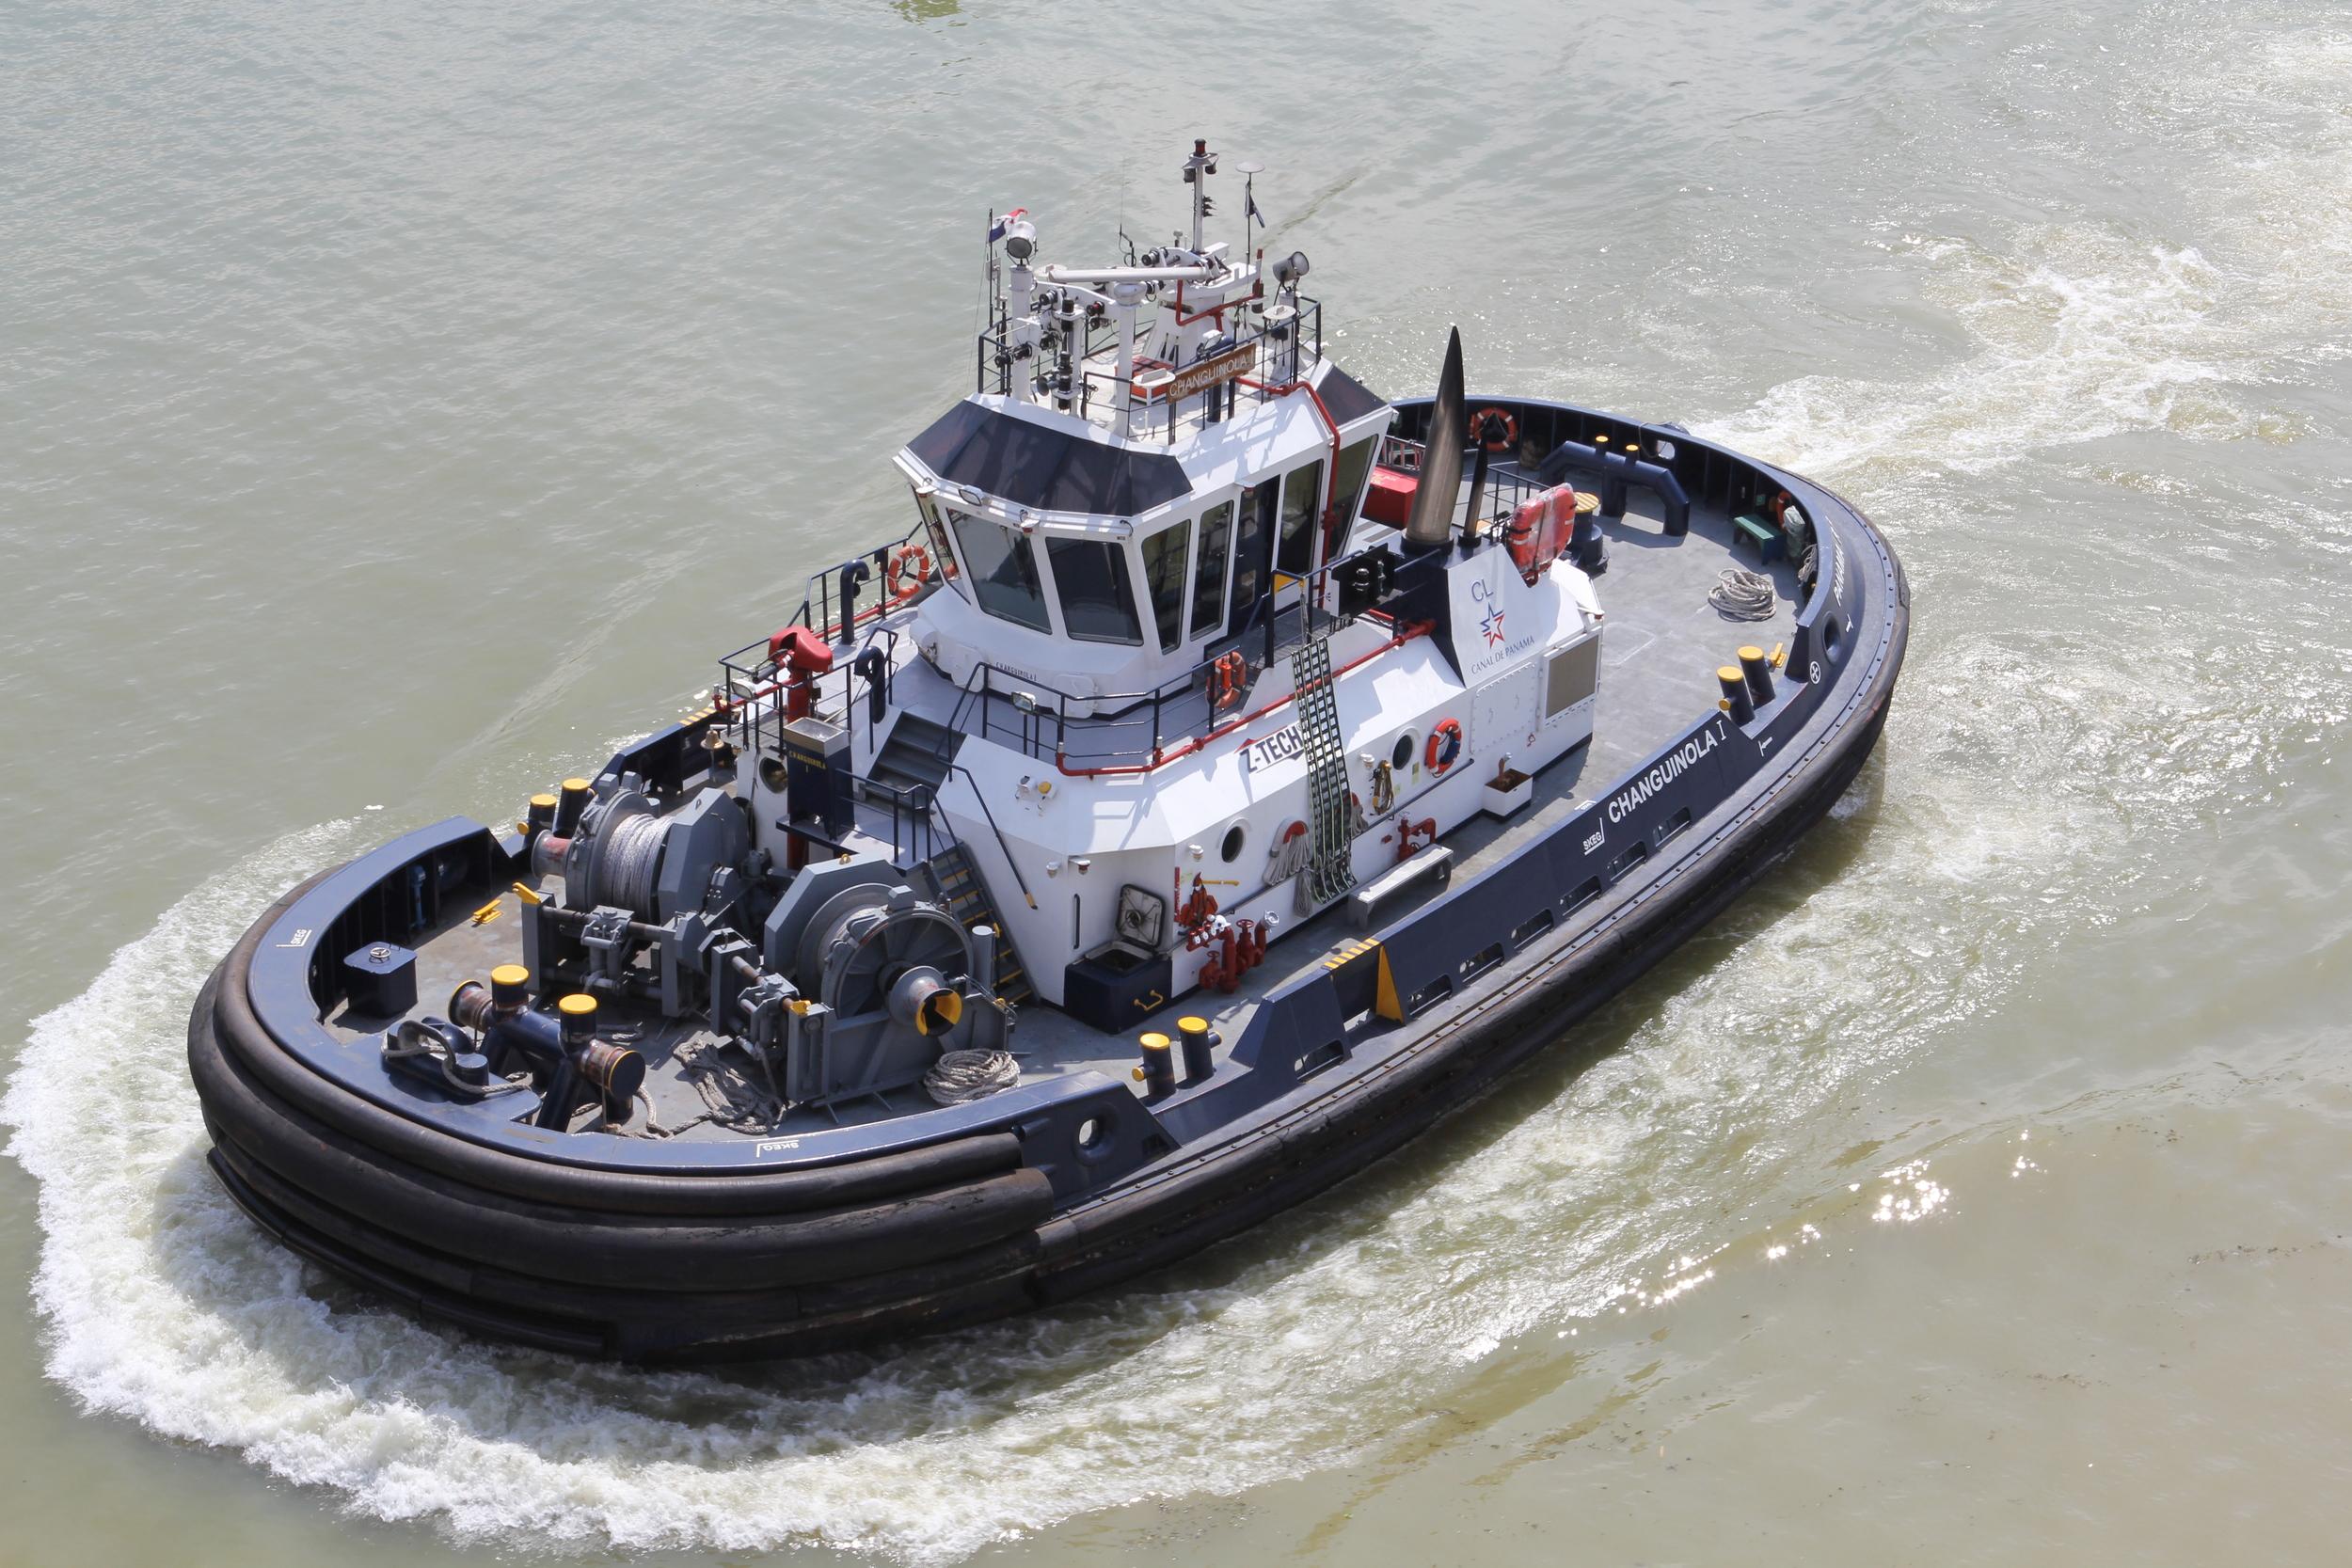 A canal tug